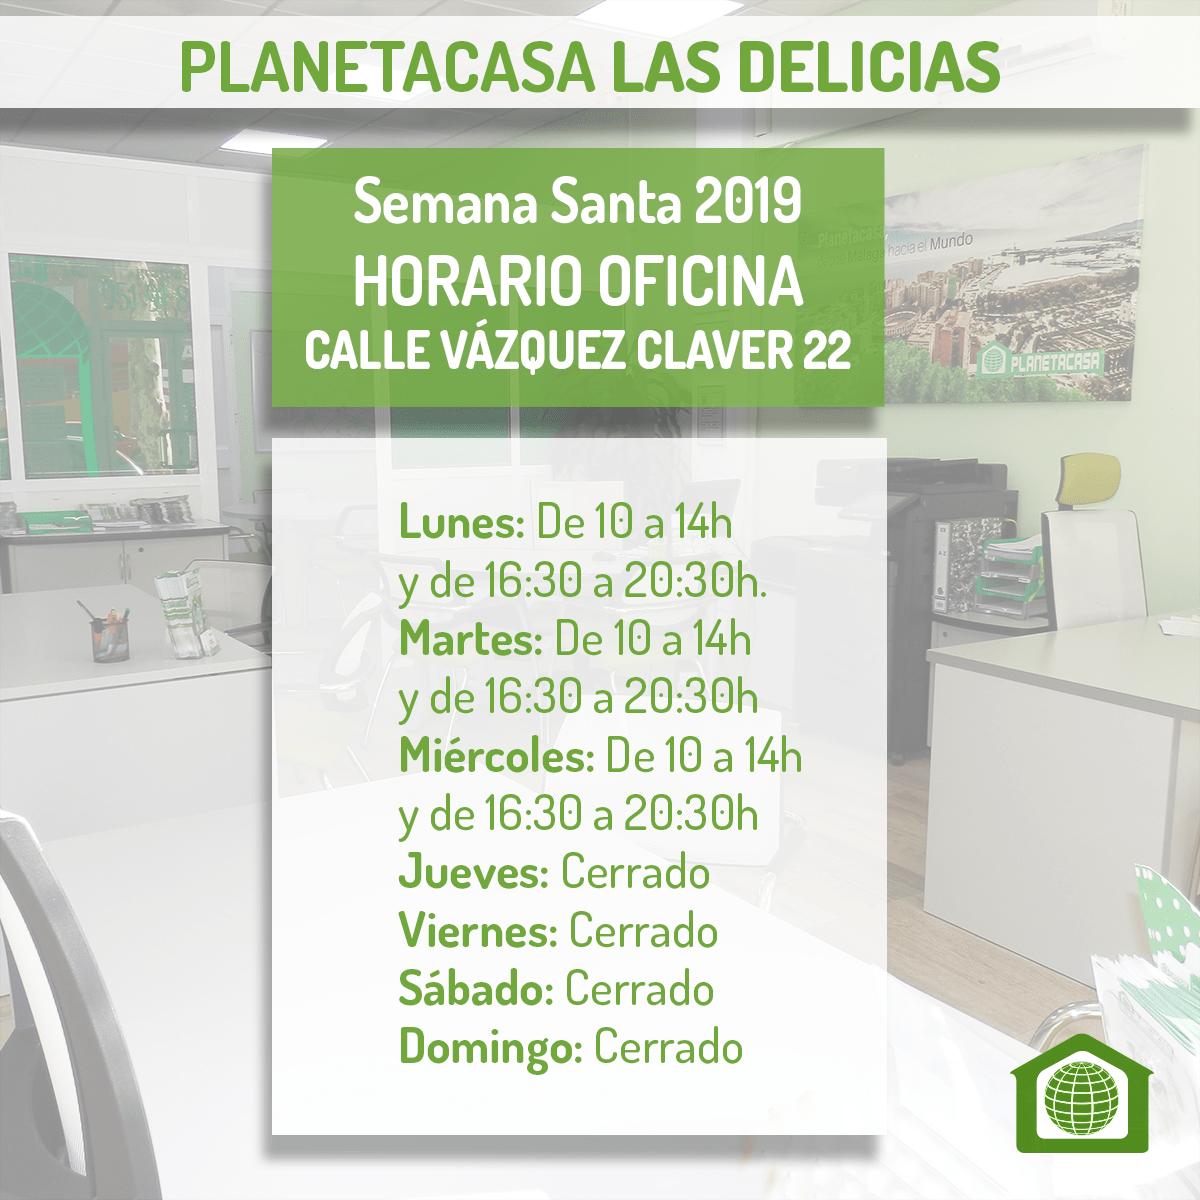 Horario oficina planetacasa Las Delicias Semana Santa 2019